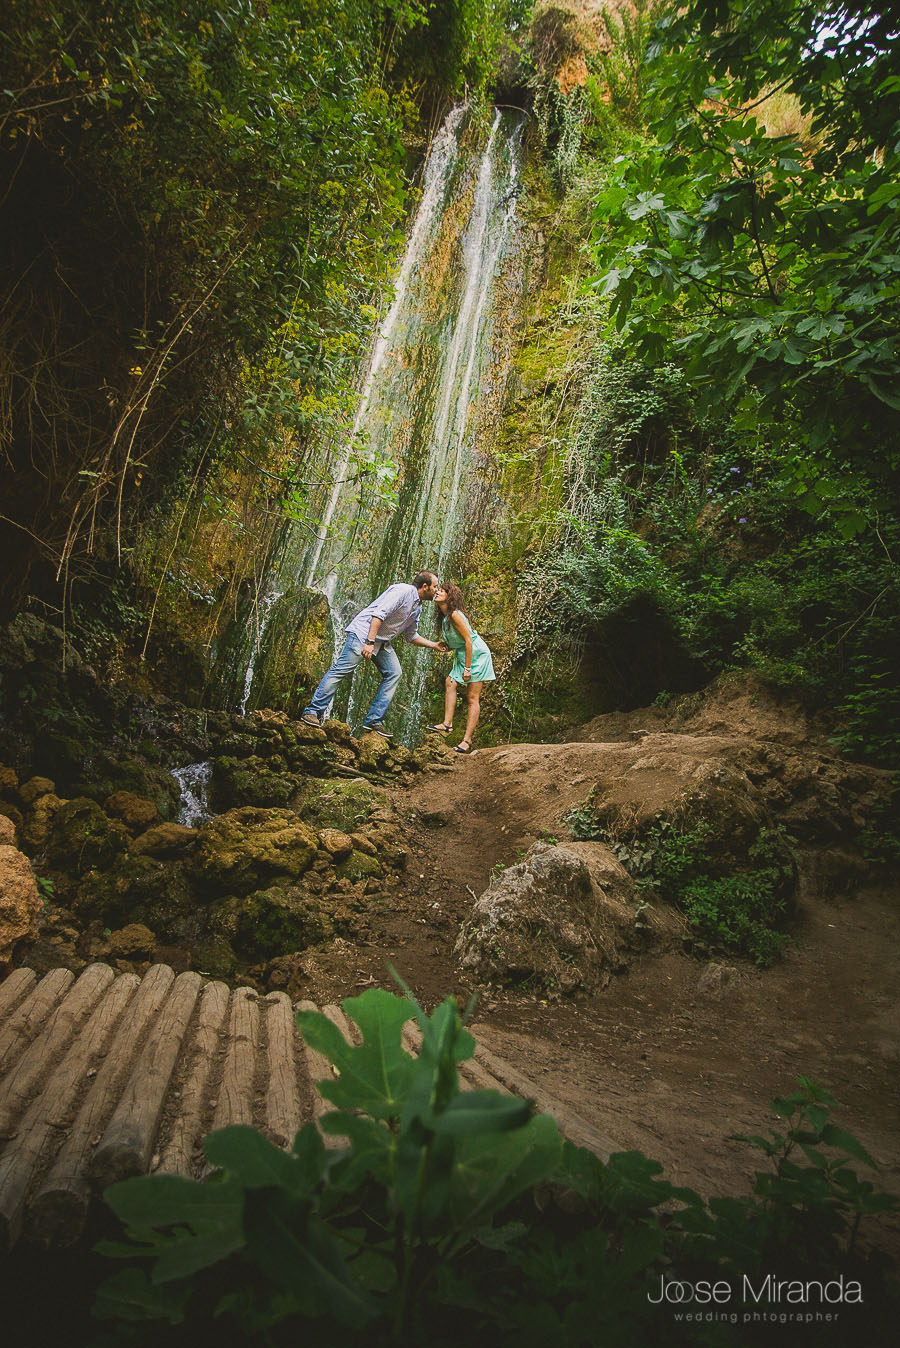 Virginia y Fran dandose un beso con la cascada de agua del rio de Valdepeñas de Jaén